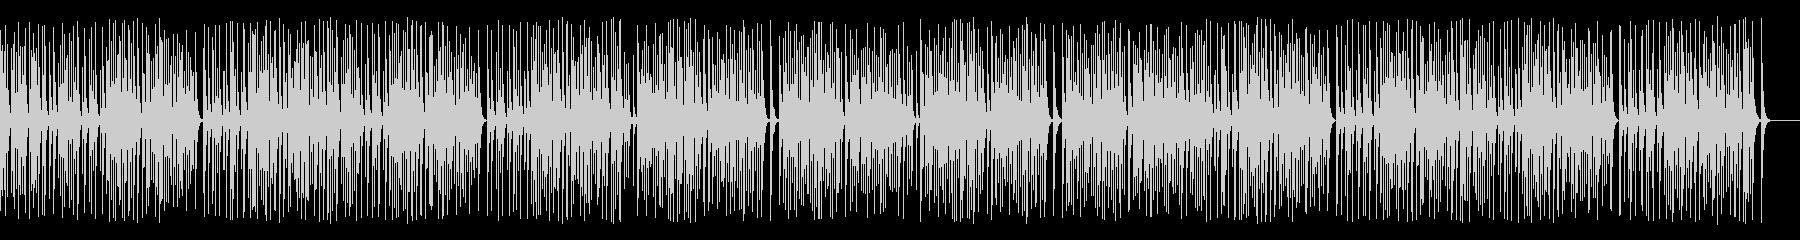 木琴がコミカルで可愛いレトロジャズ名曲の未再生の波形